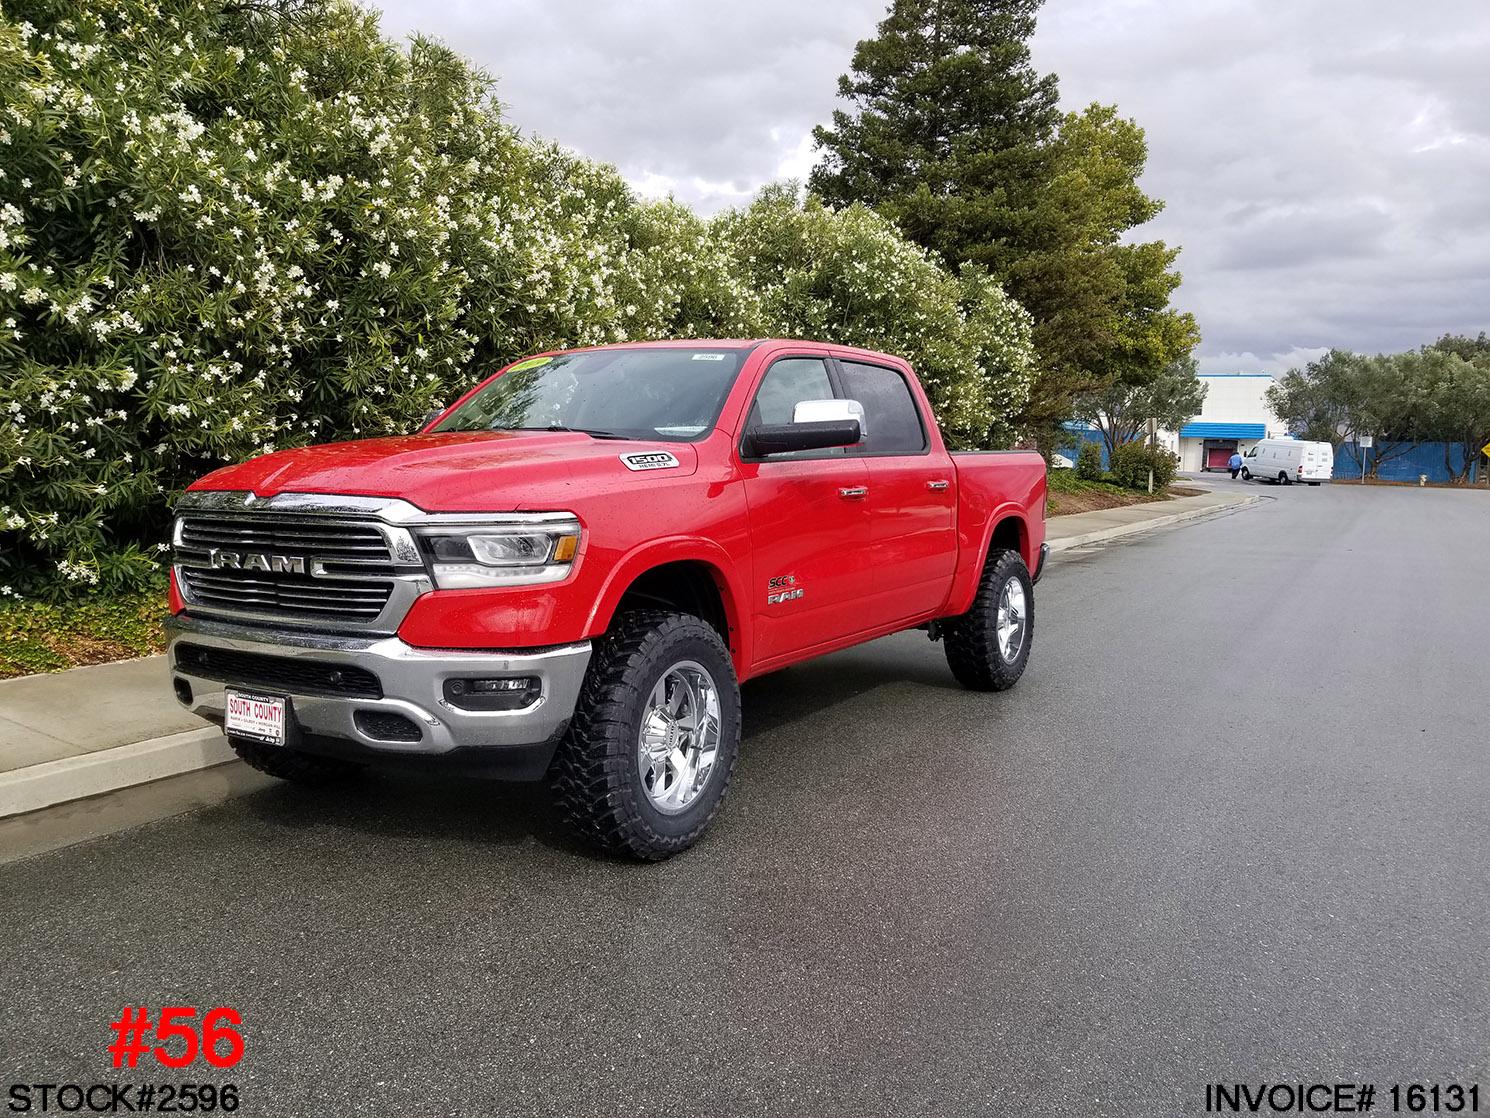 2596-2019 RAM 1500 CREW CAB